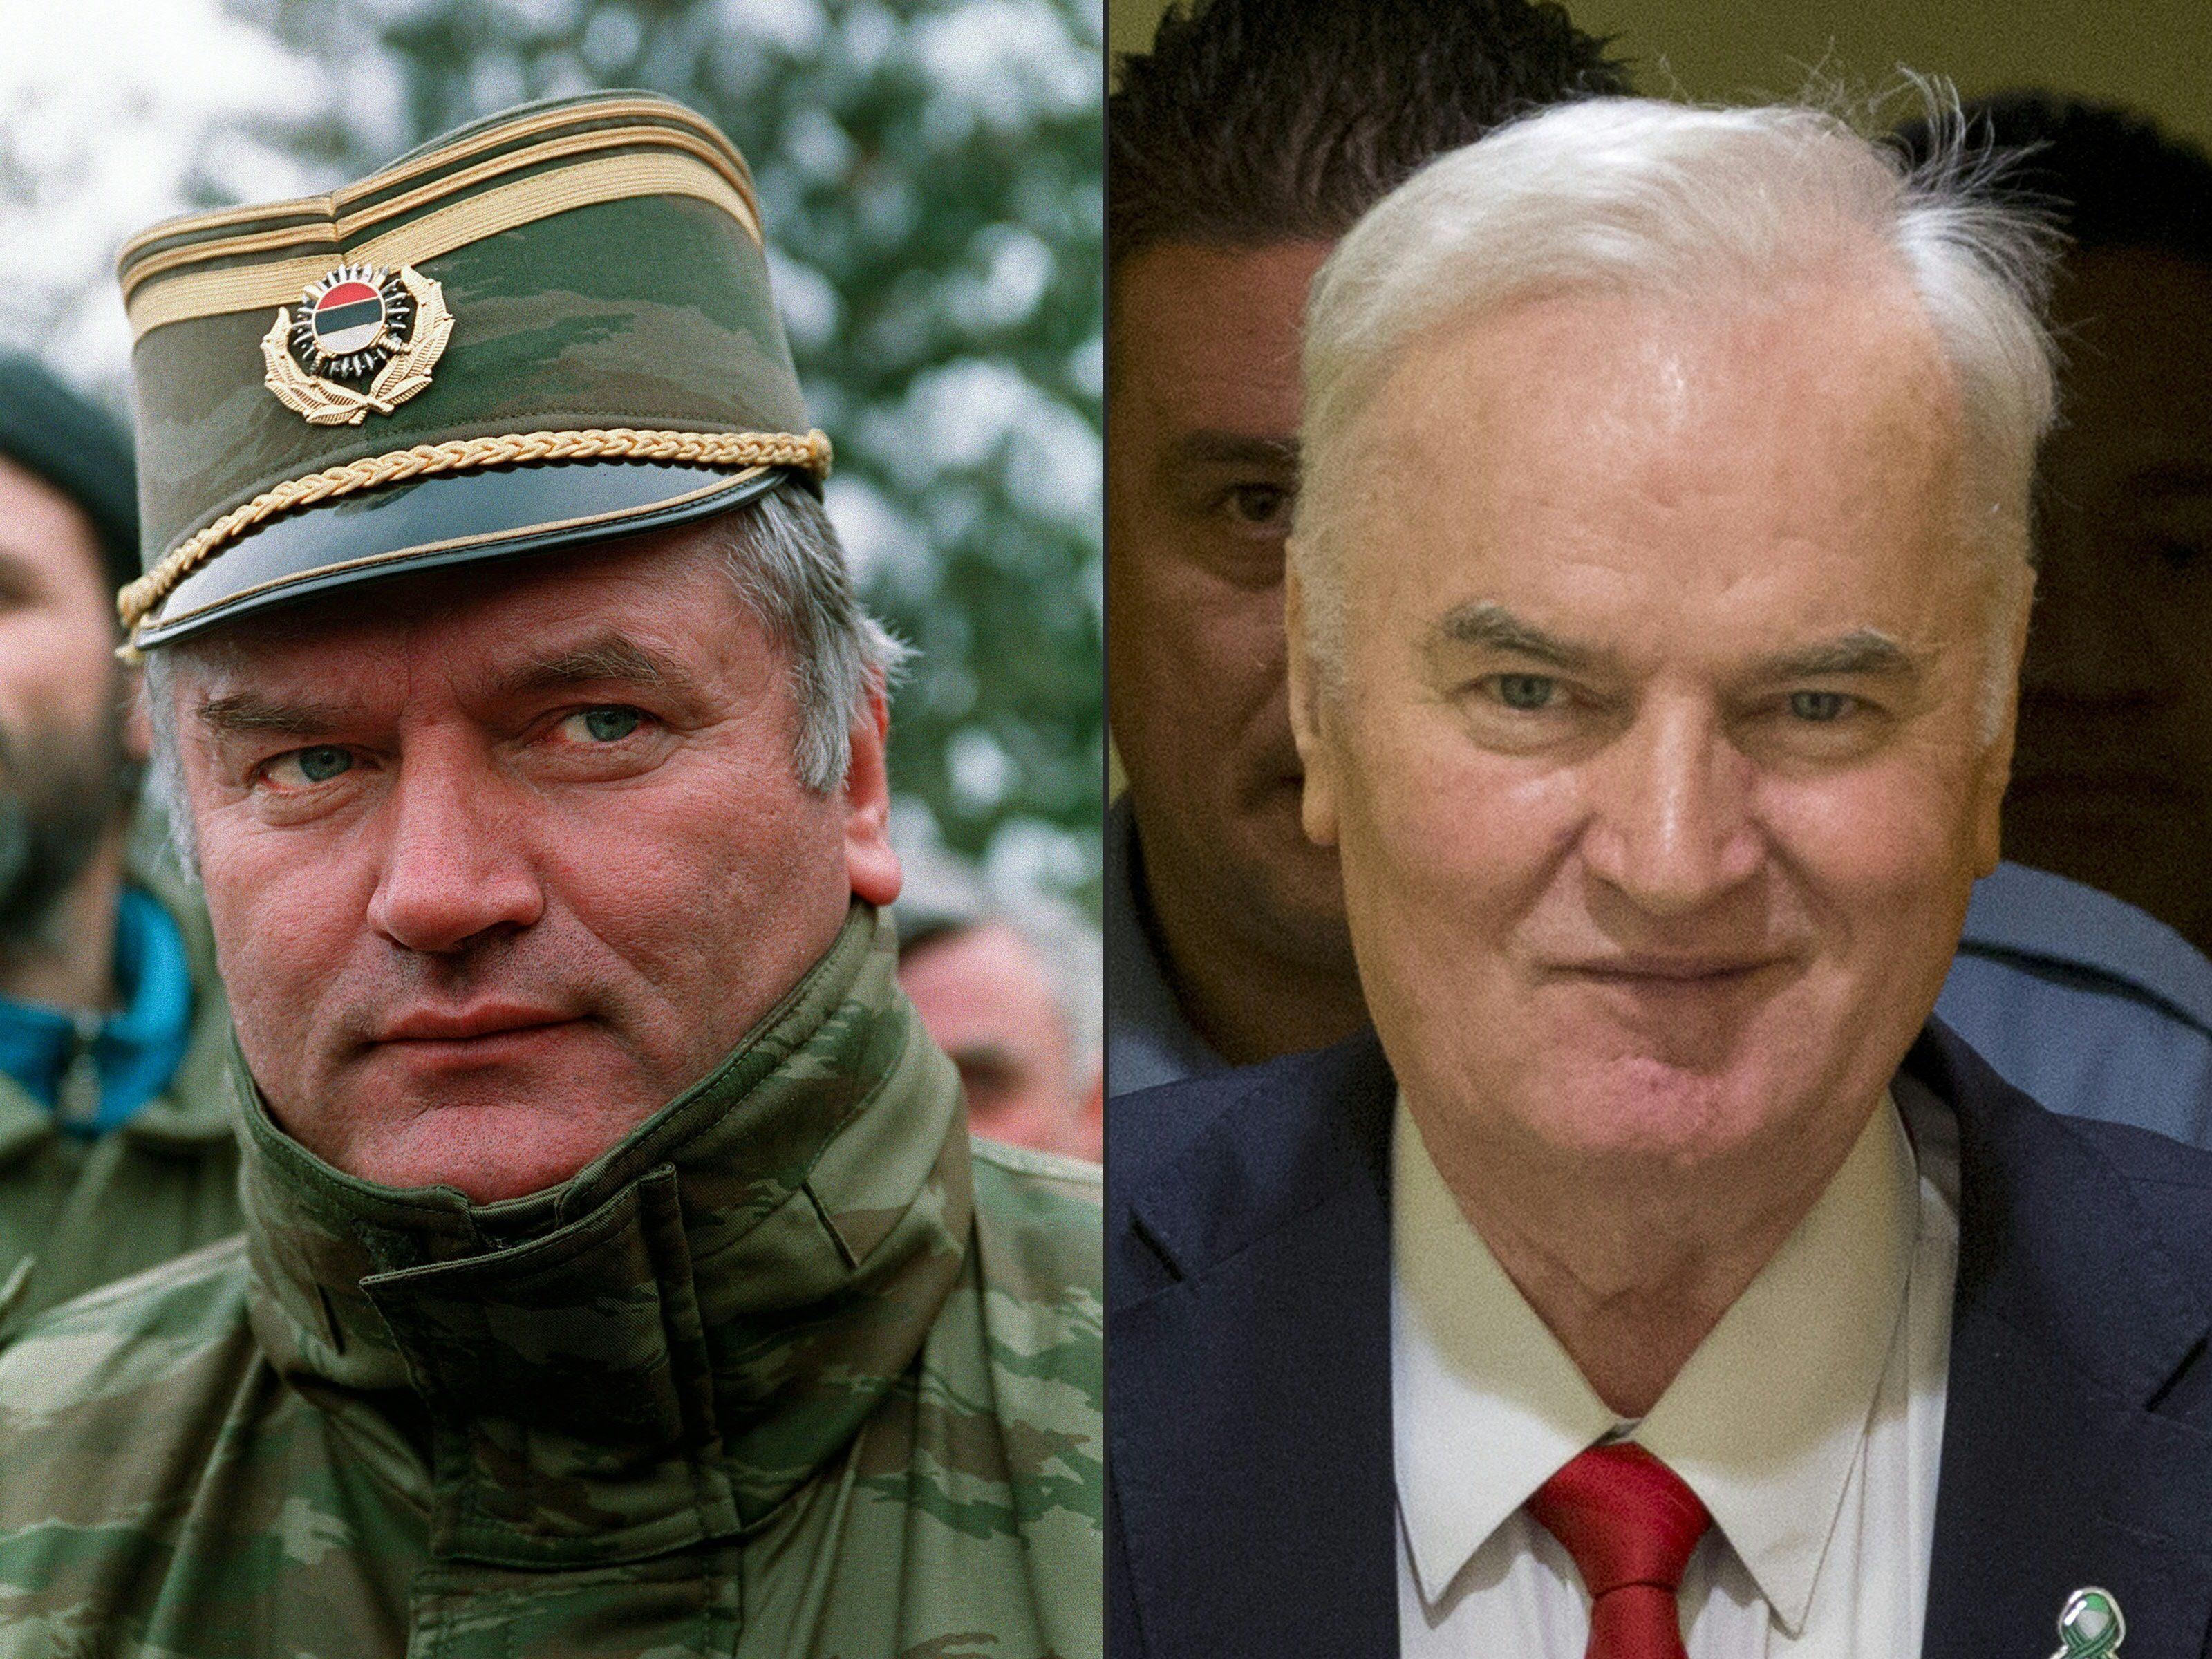 Srebrenica-Massaker: Serbischer Ex-General Mladic will Freispruch